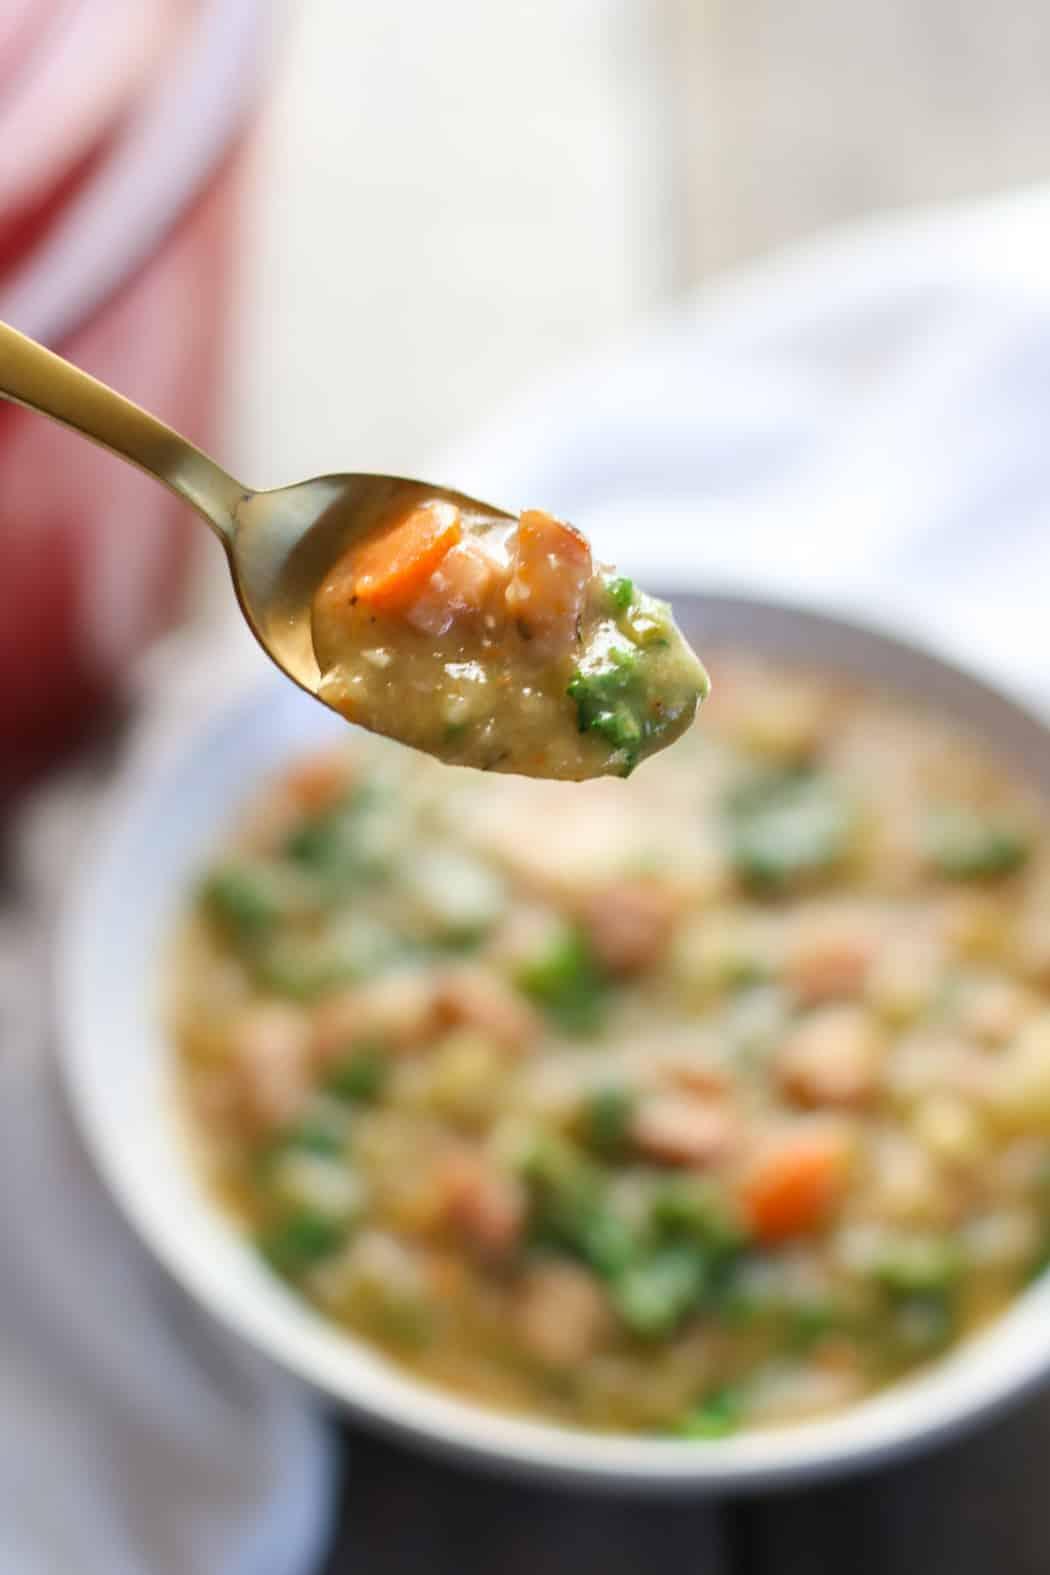 Creamy Ham and Potato Soup | Whole30 soup | Paleo soup recipe | Gluten-free soup recipe | dairy-free soup recipe | healthy soup recipe | whole30 recipes || The Real Food Dietitians #whole30soup #whole30 #glutenfreesoup #dairyfreesoup